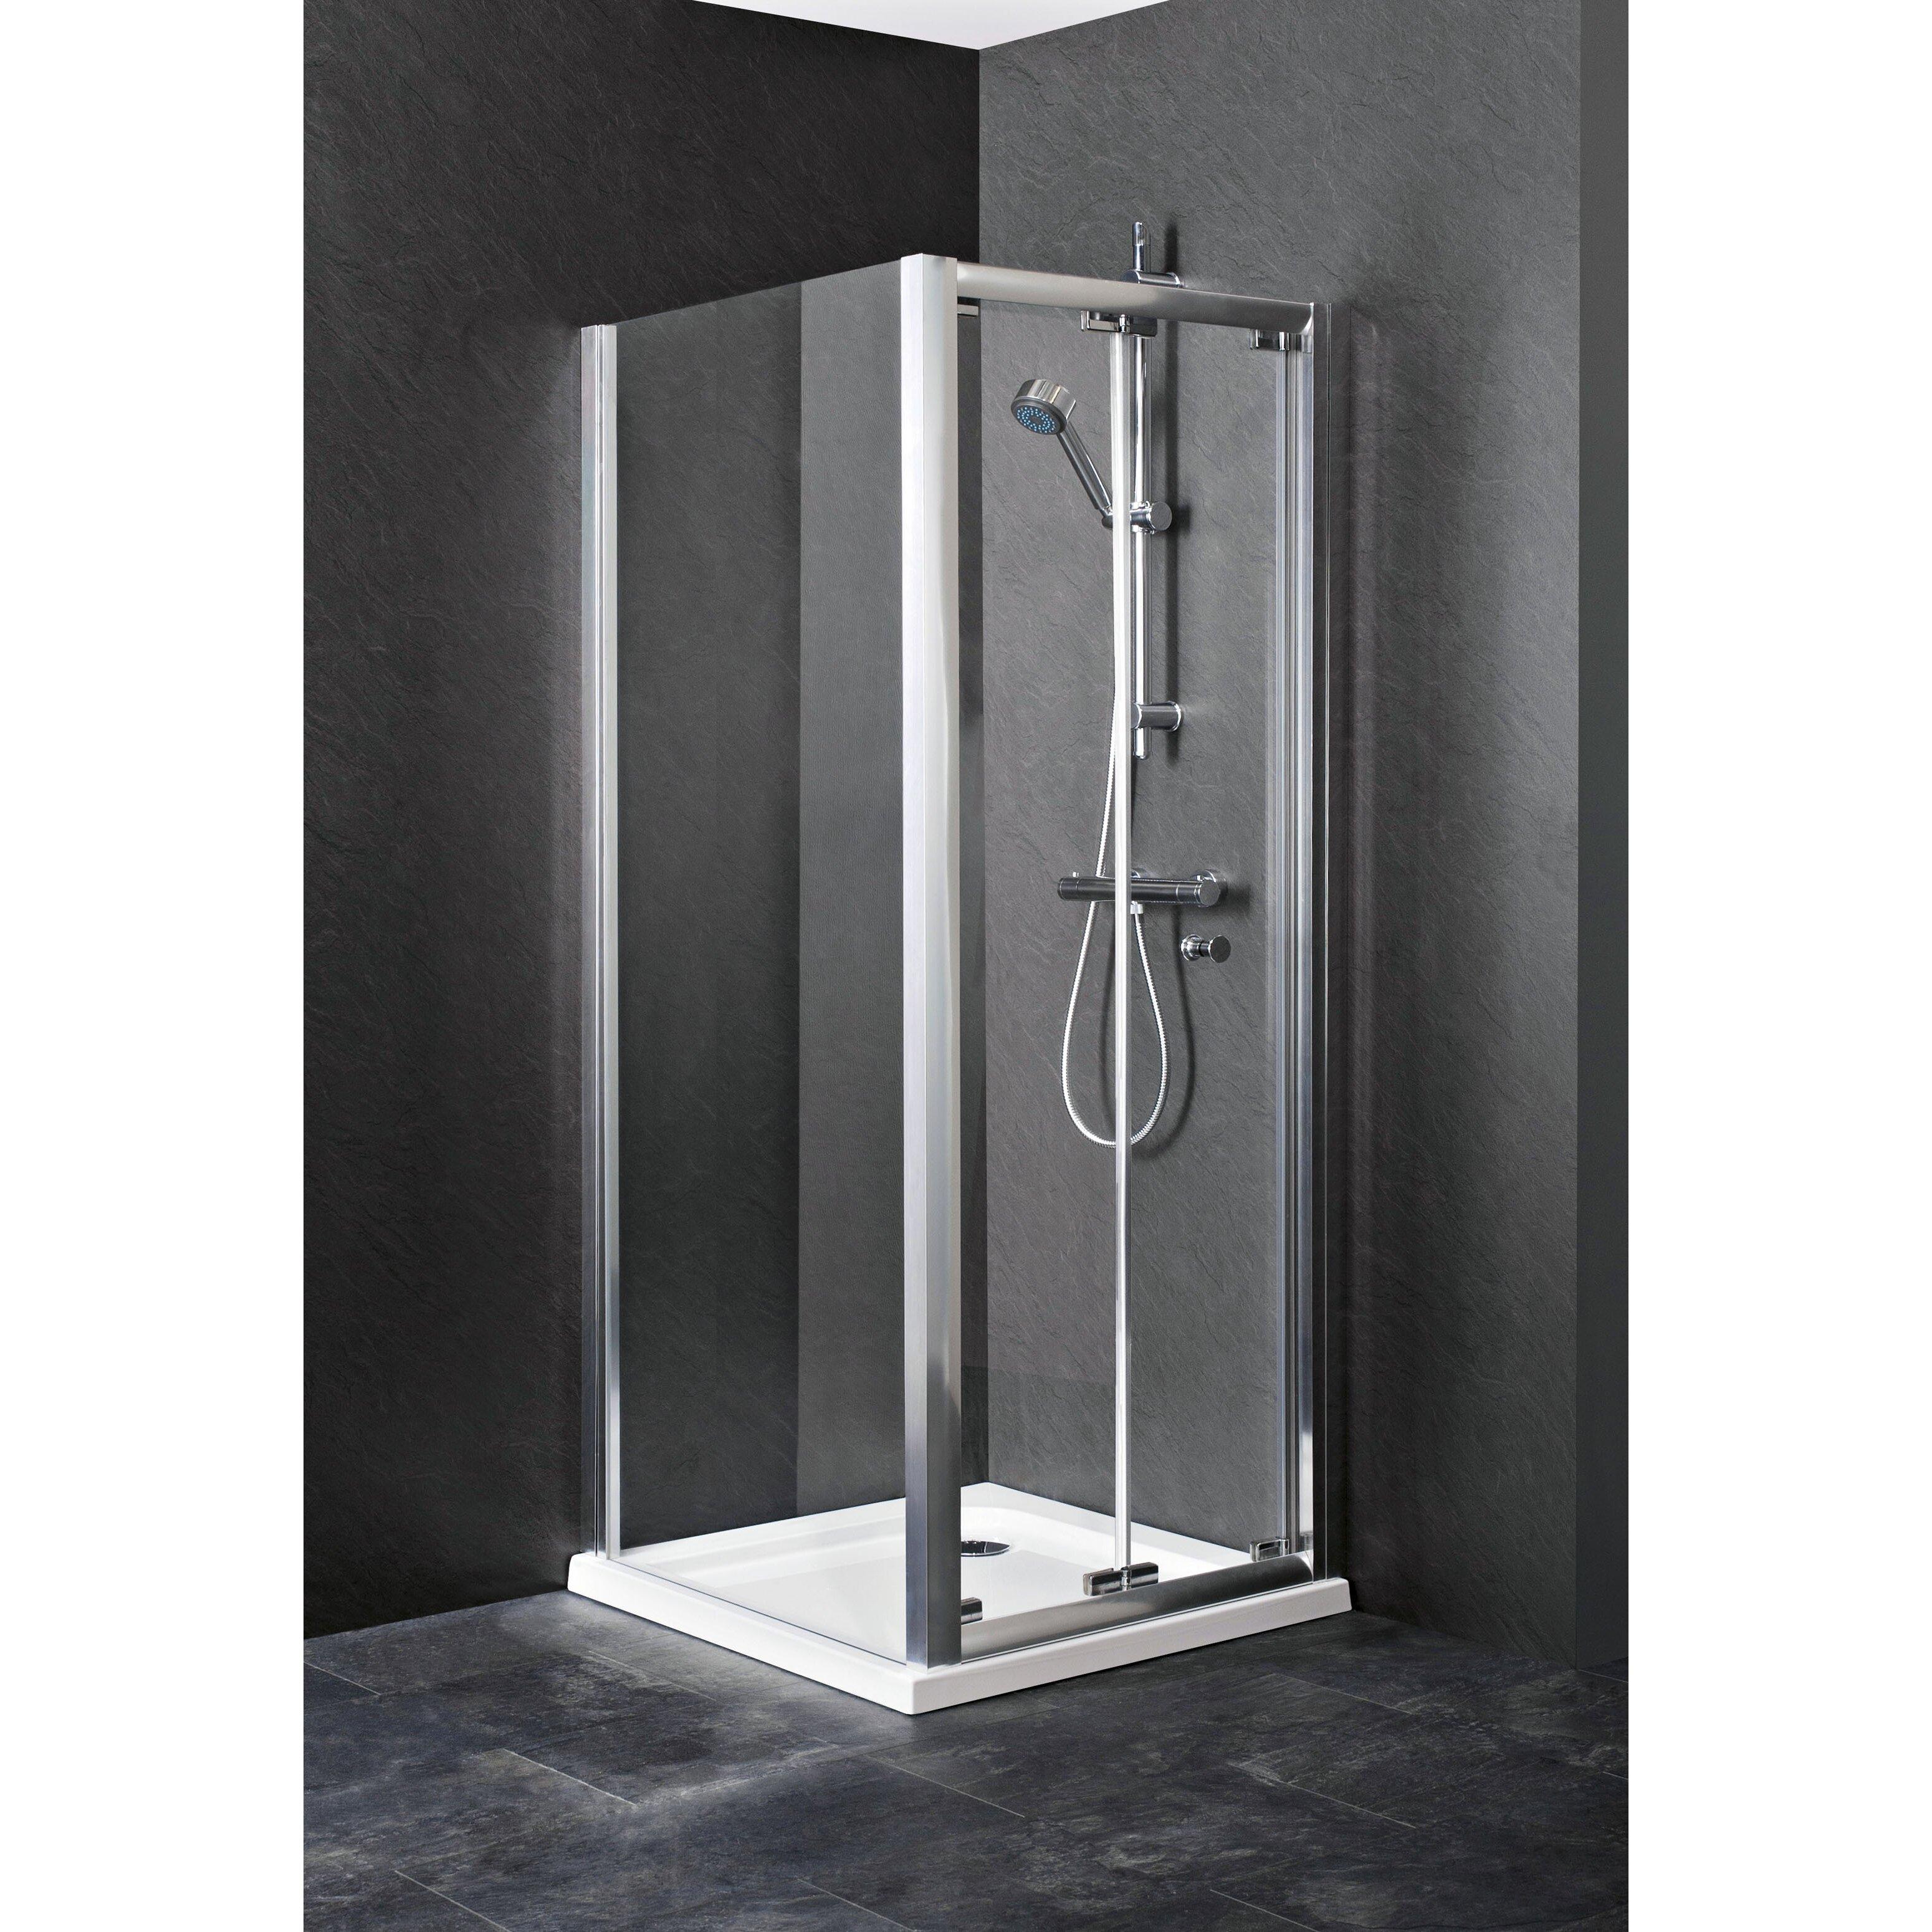 Sterling 1500d Shower Door Installation - shower door parts